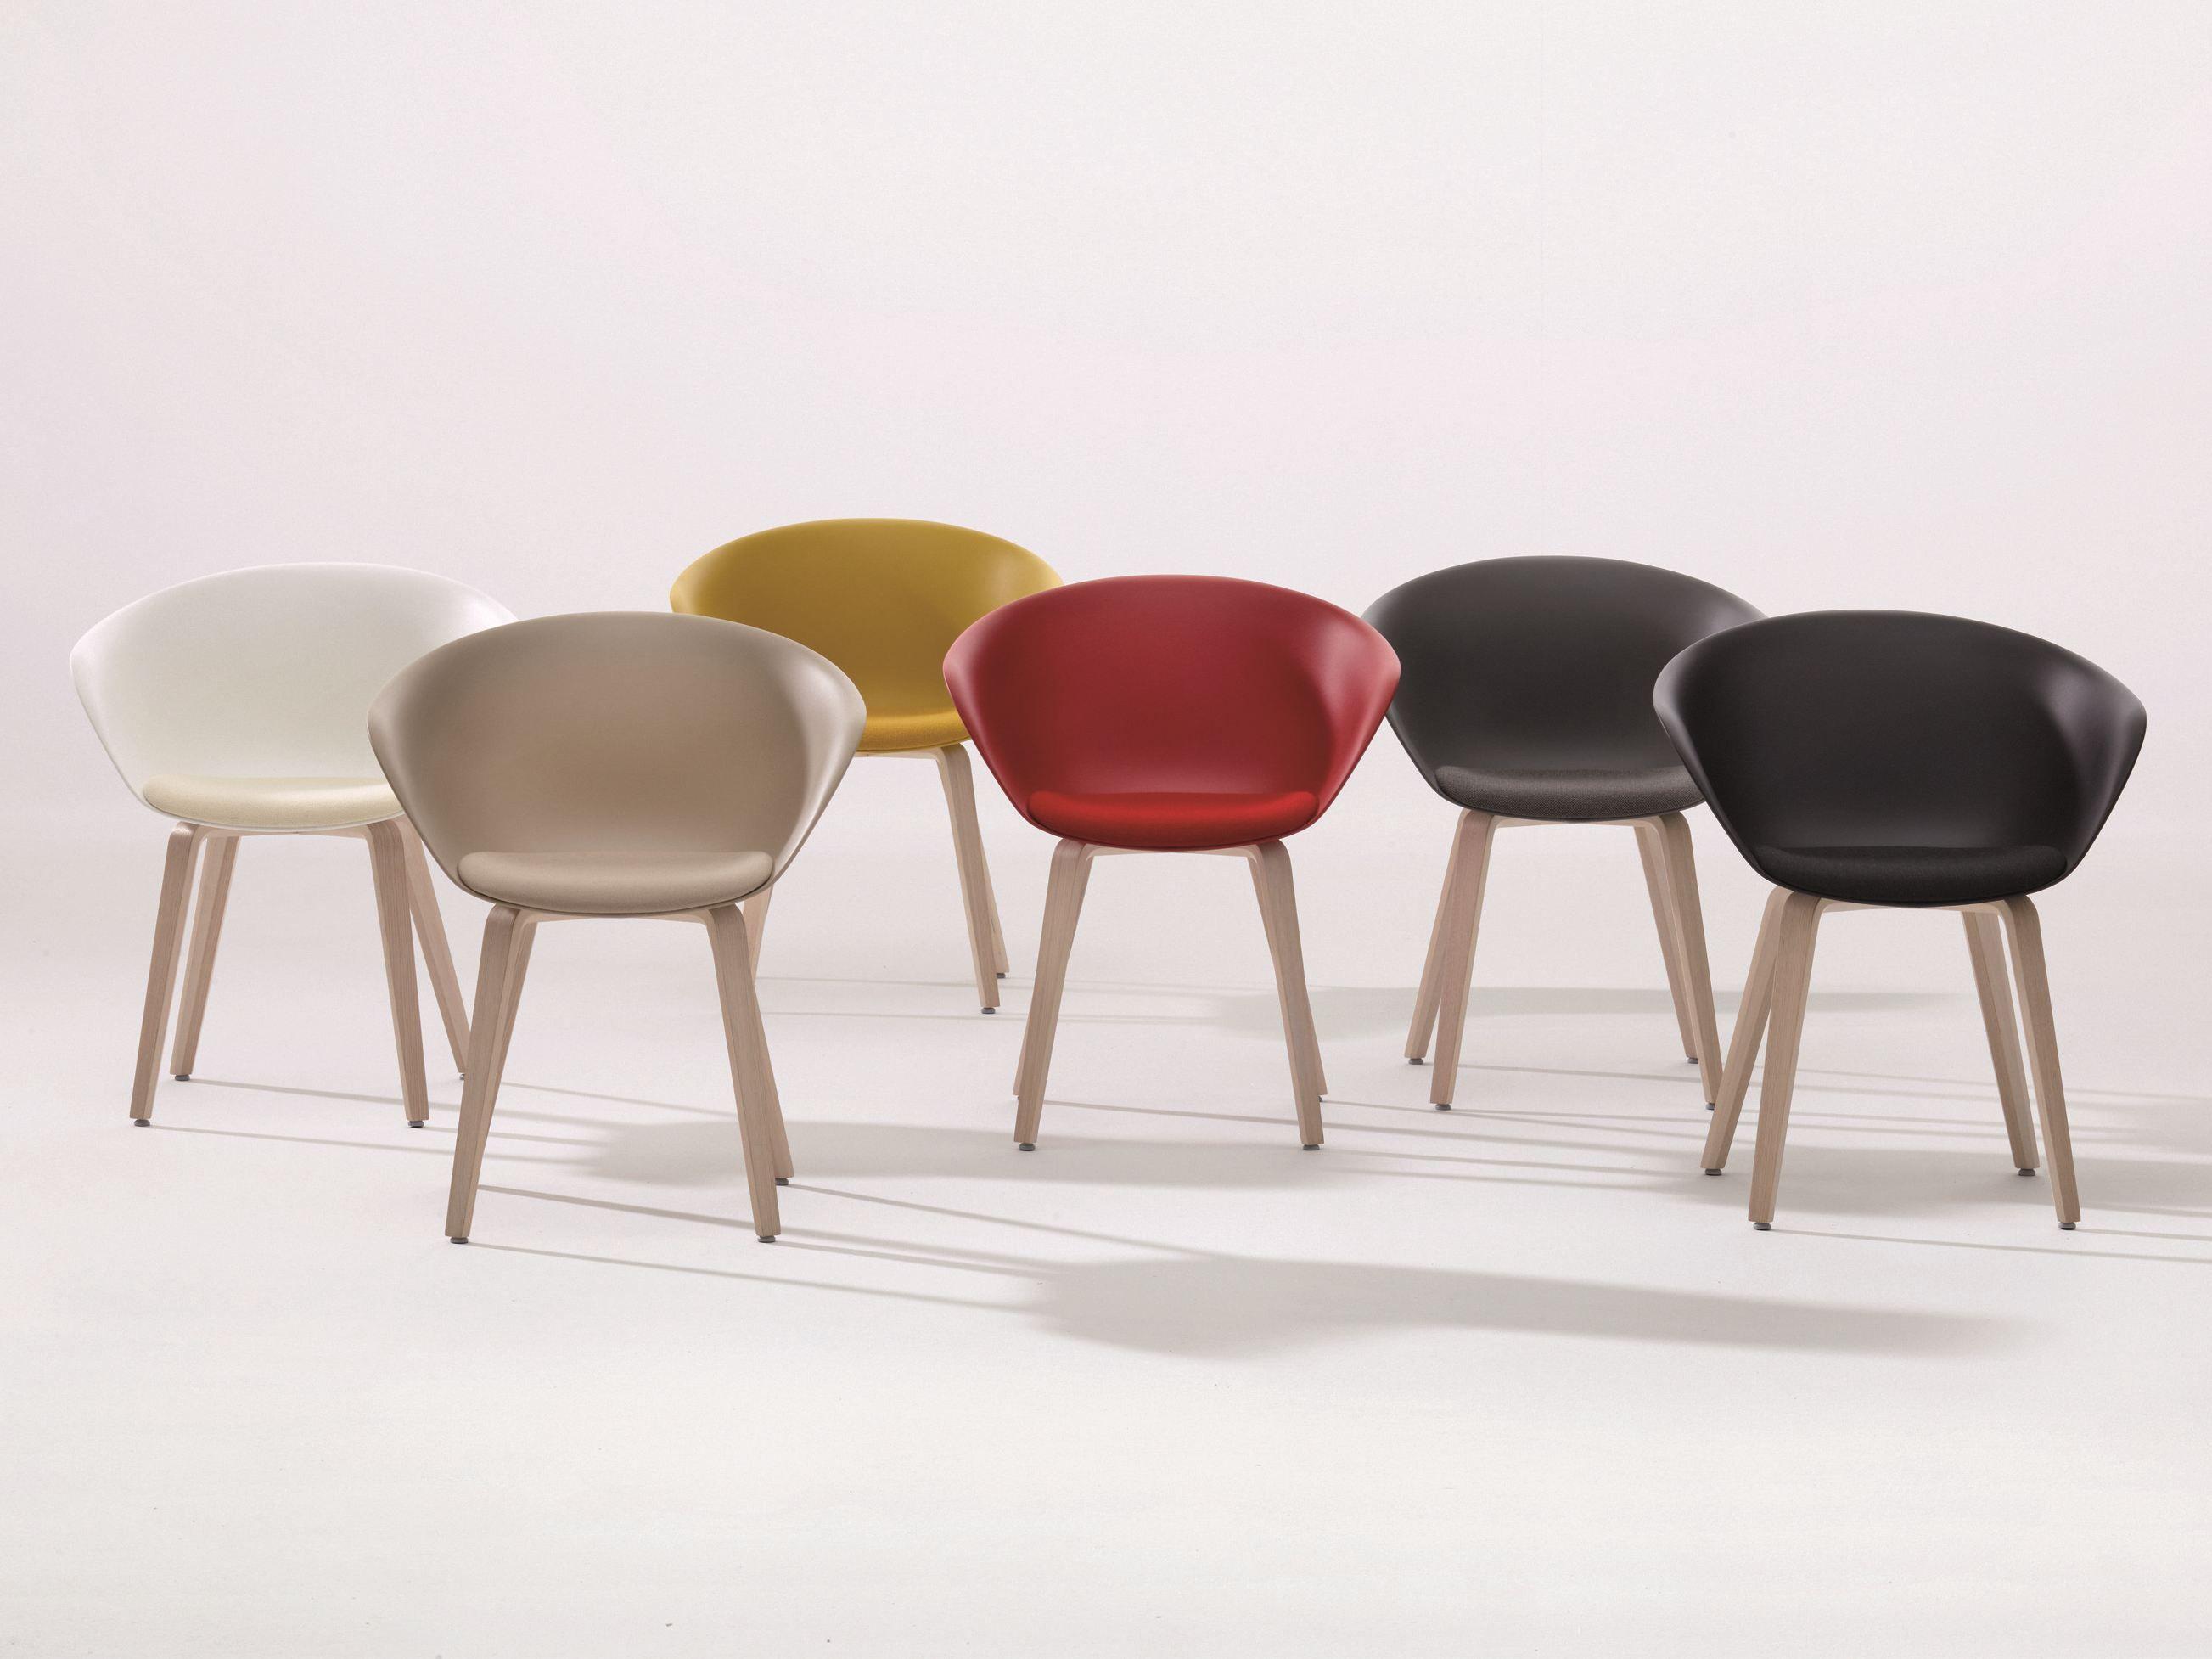 椅子 Duna 02系列 By Arper | 设计师Lievore Altherr Molina